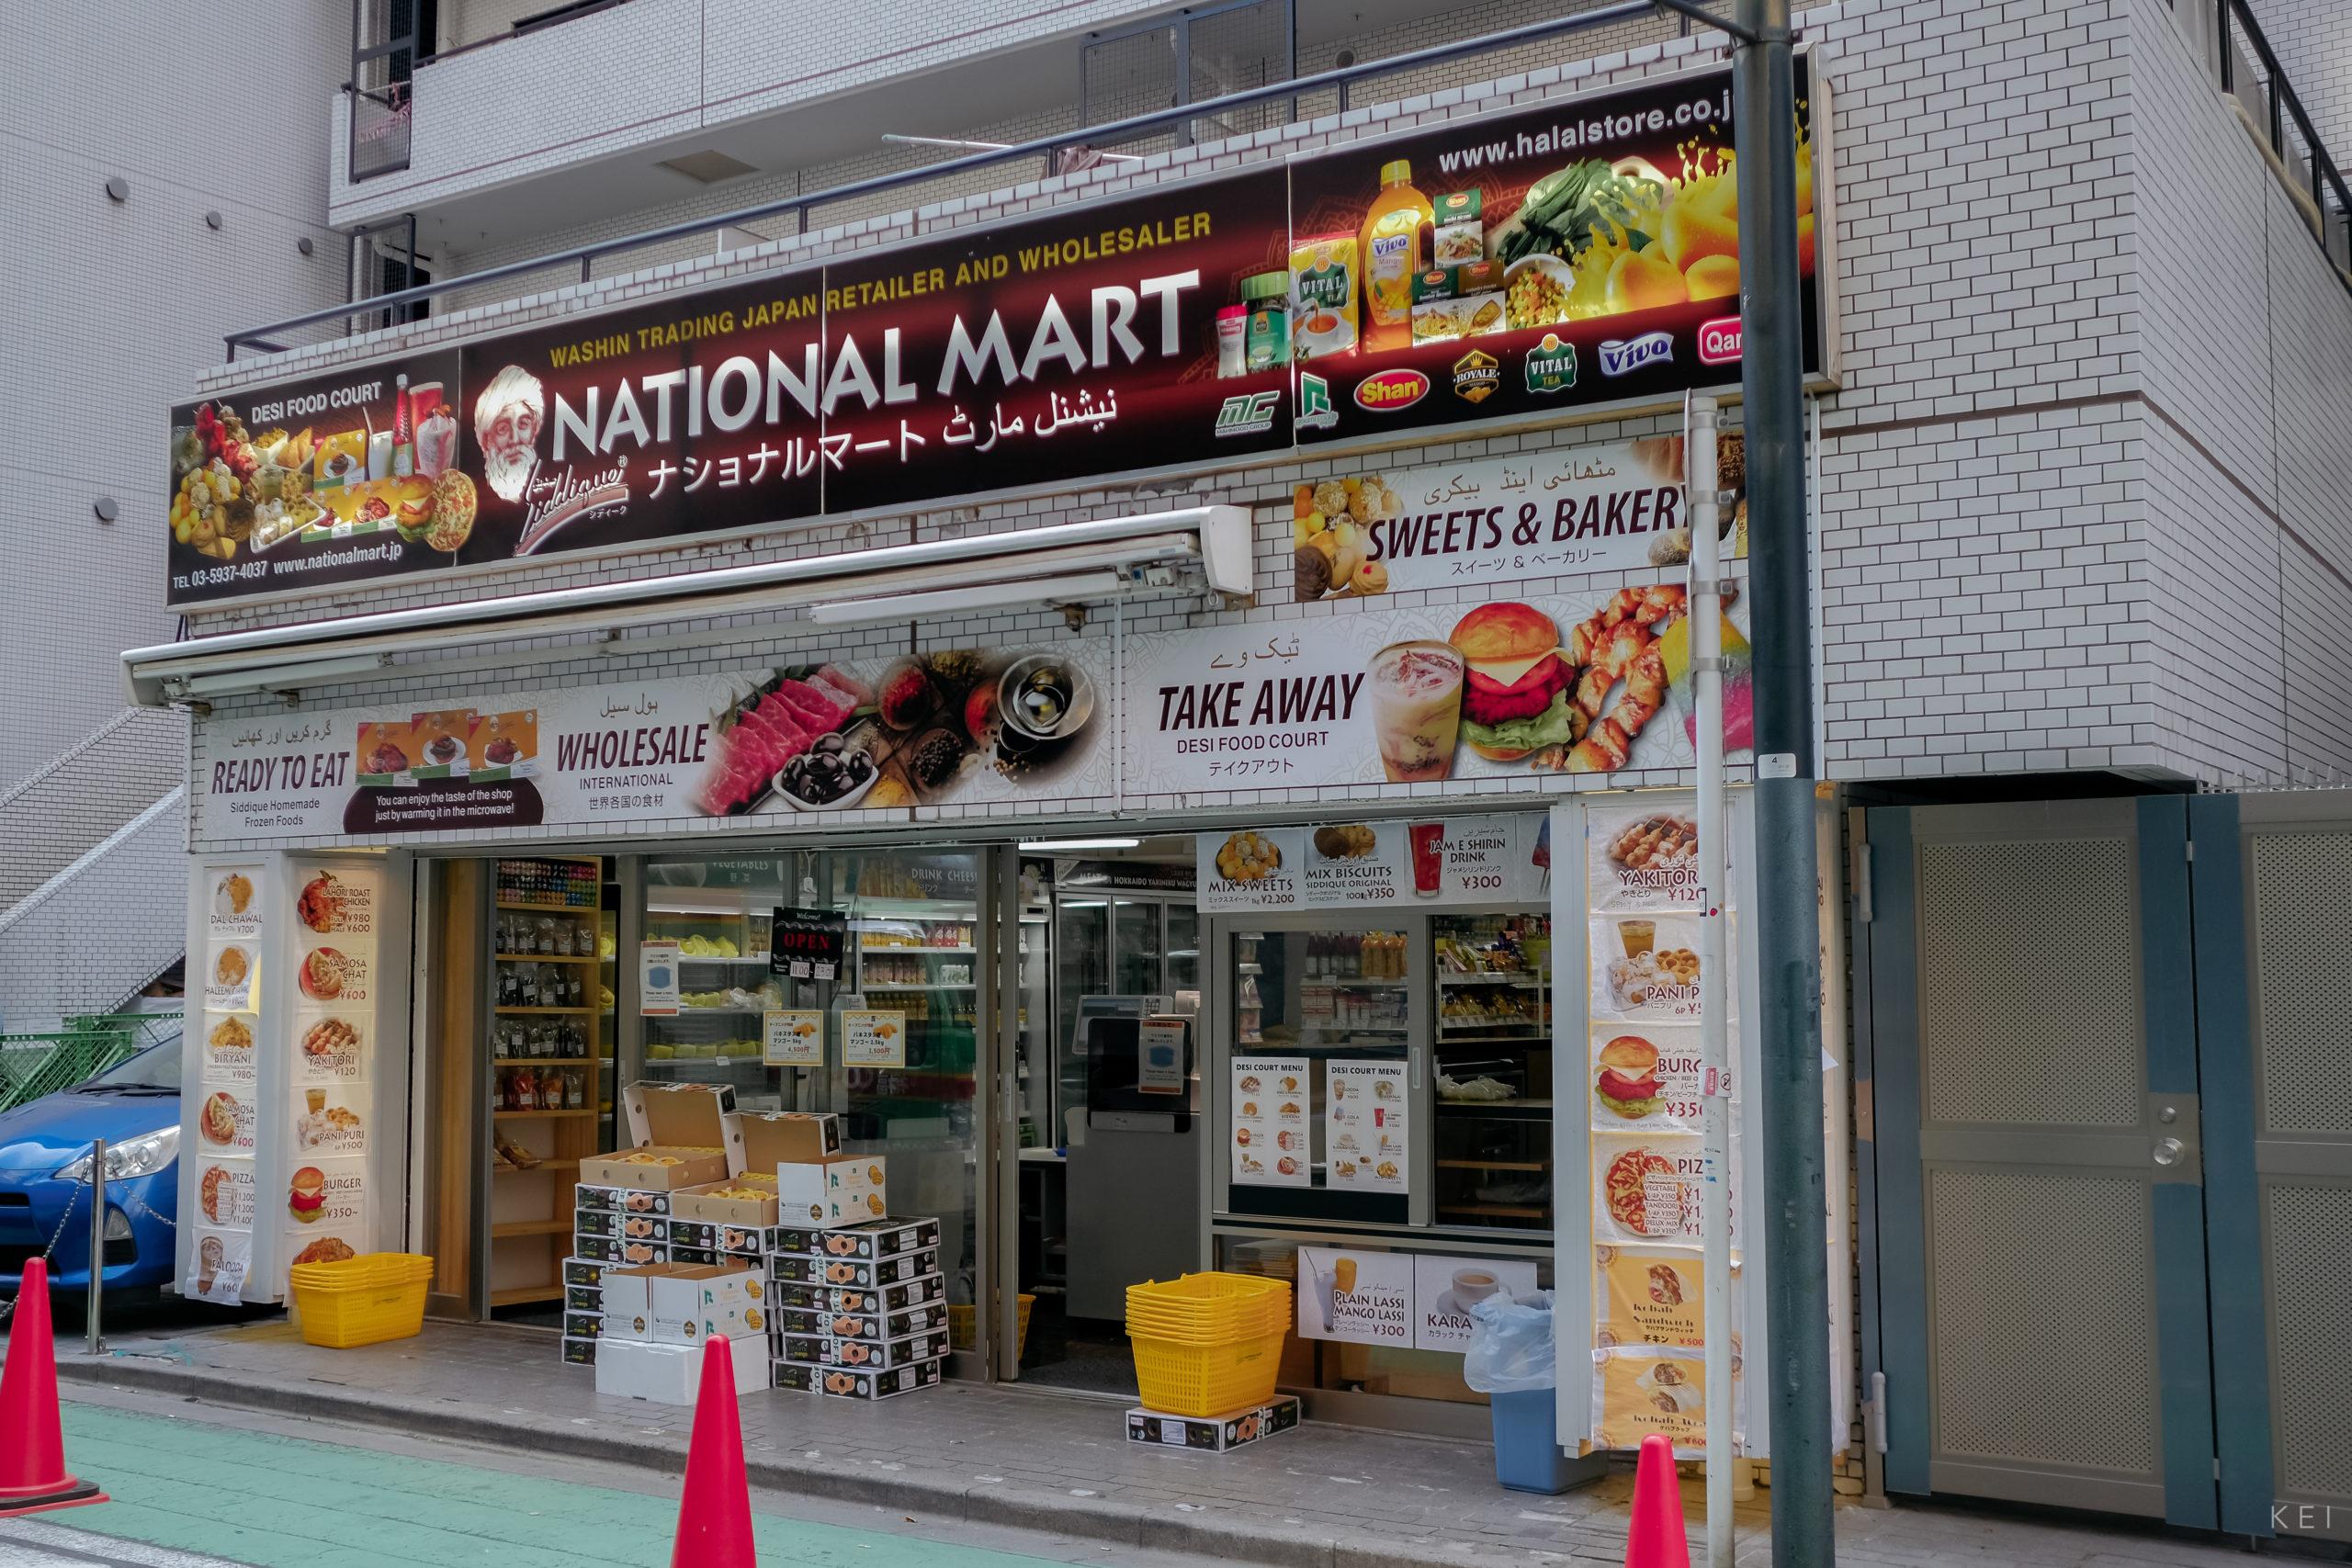 大久保有各式各樣的亞洲餐廳 以及超市